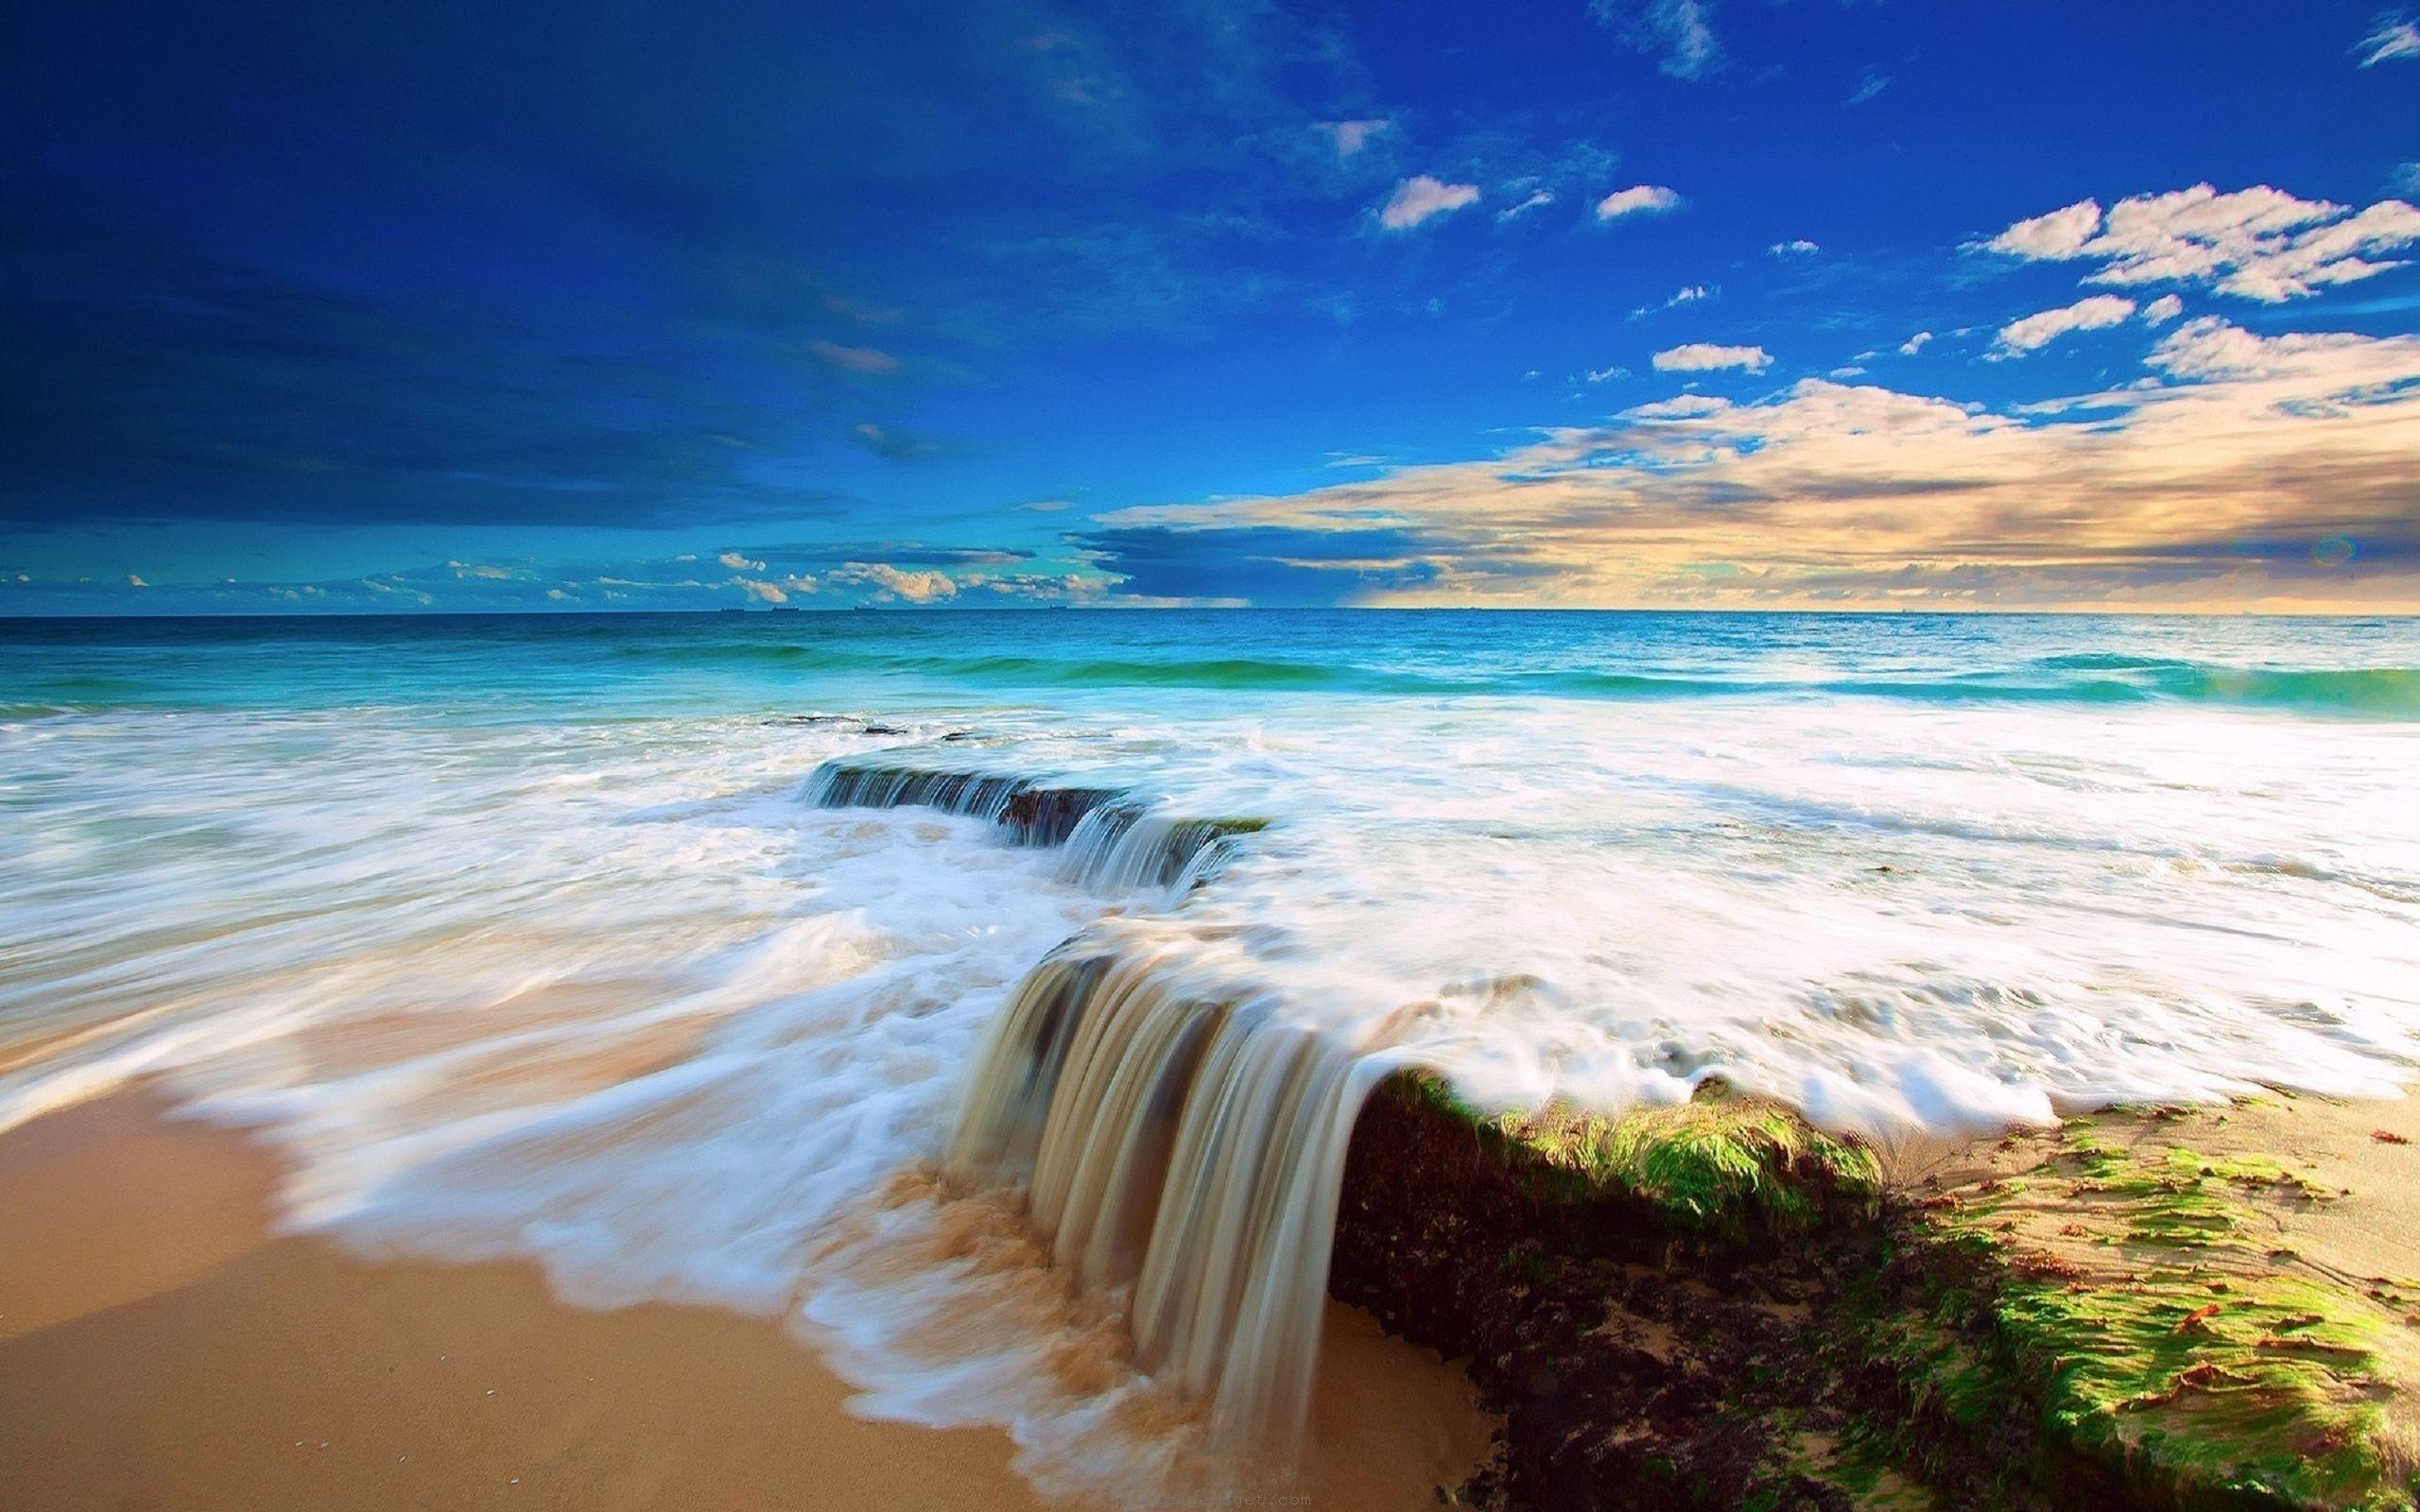 beach-ocean-water-wallpaper-hd | ocean | pinterest | background